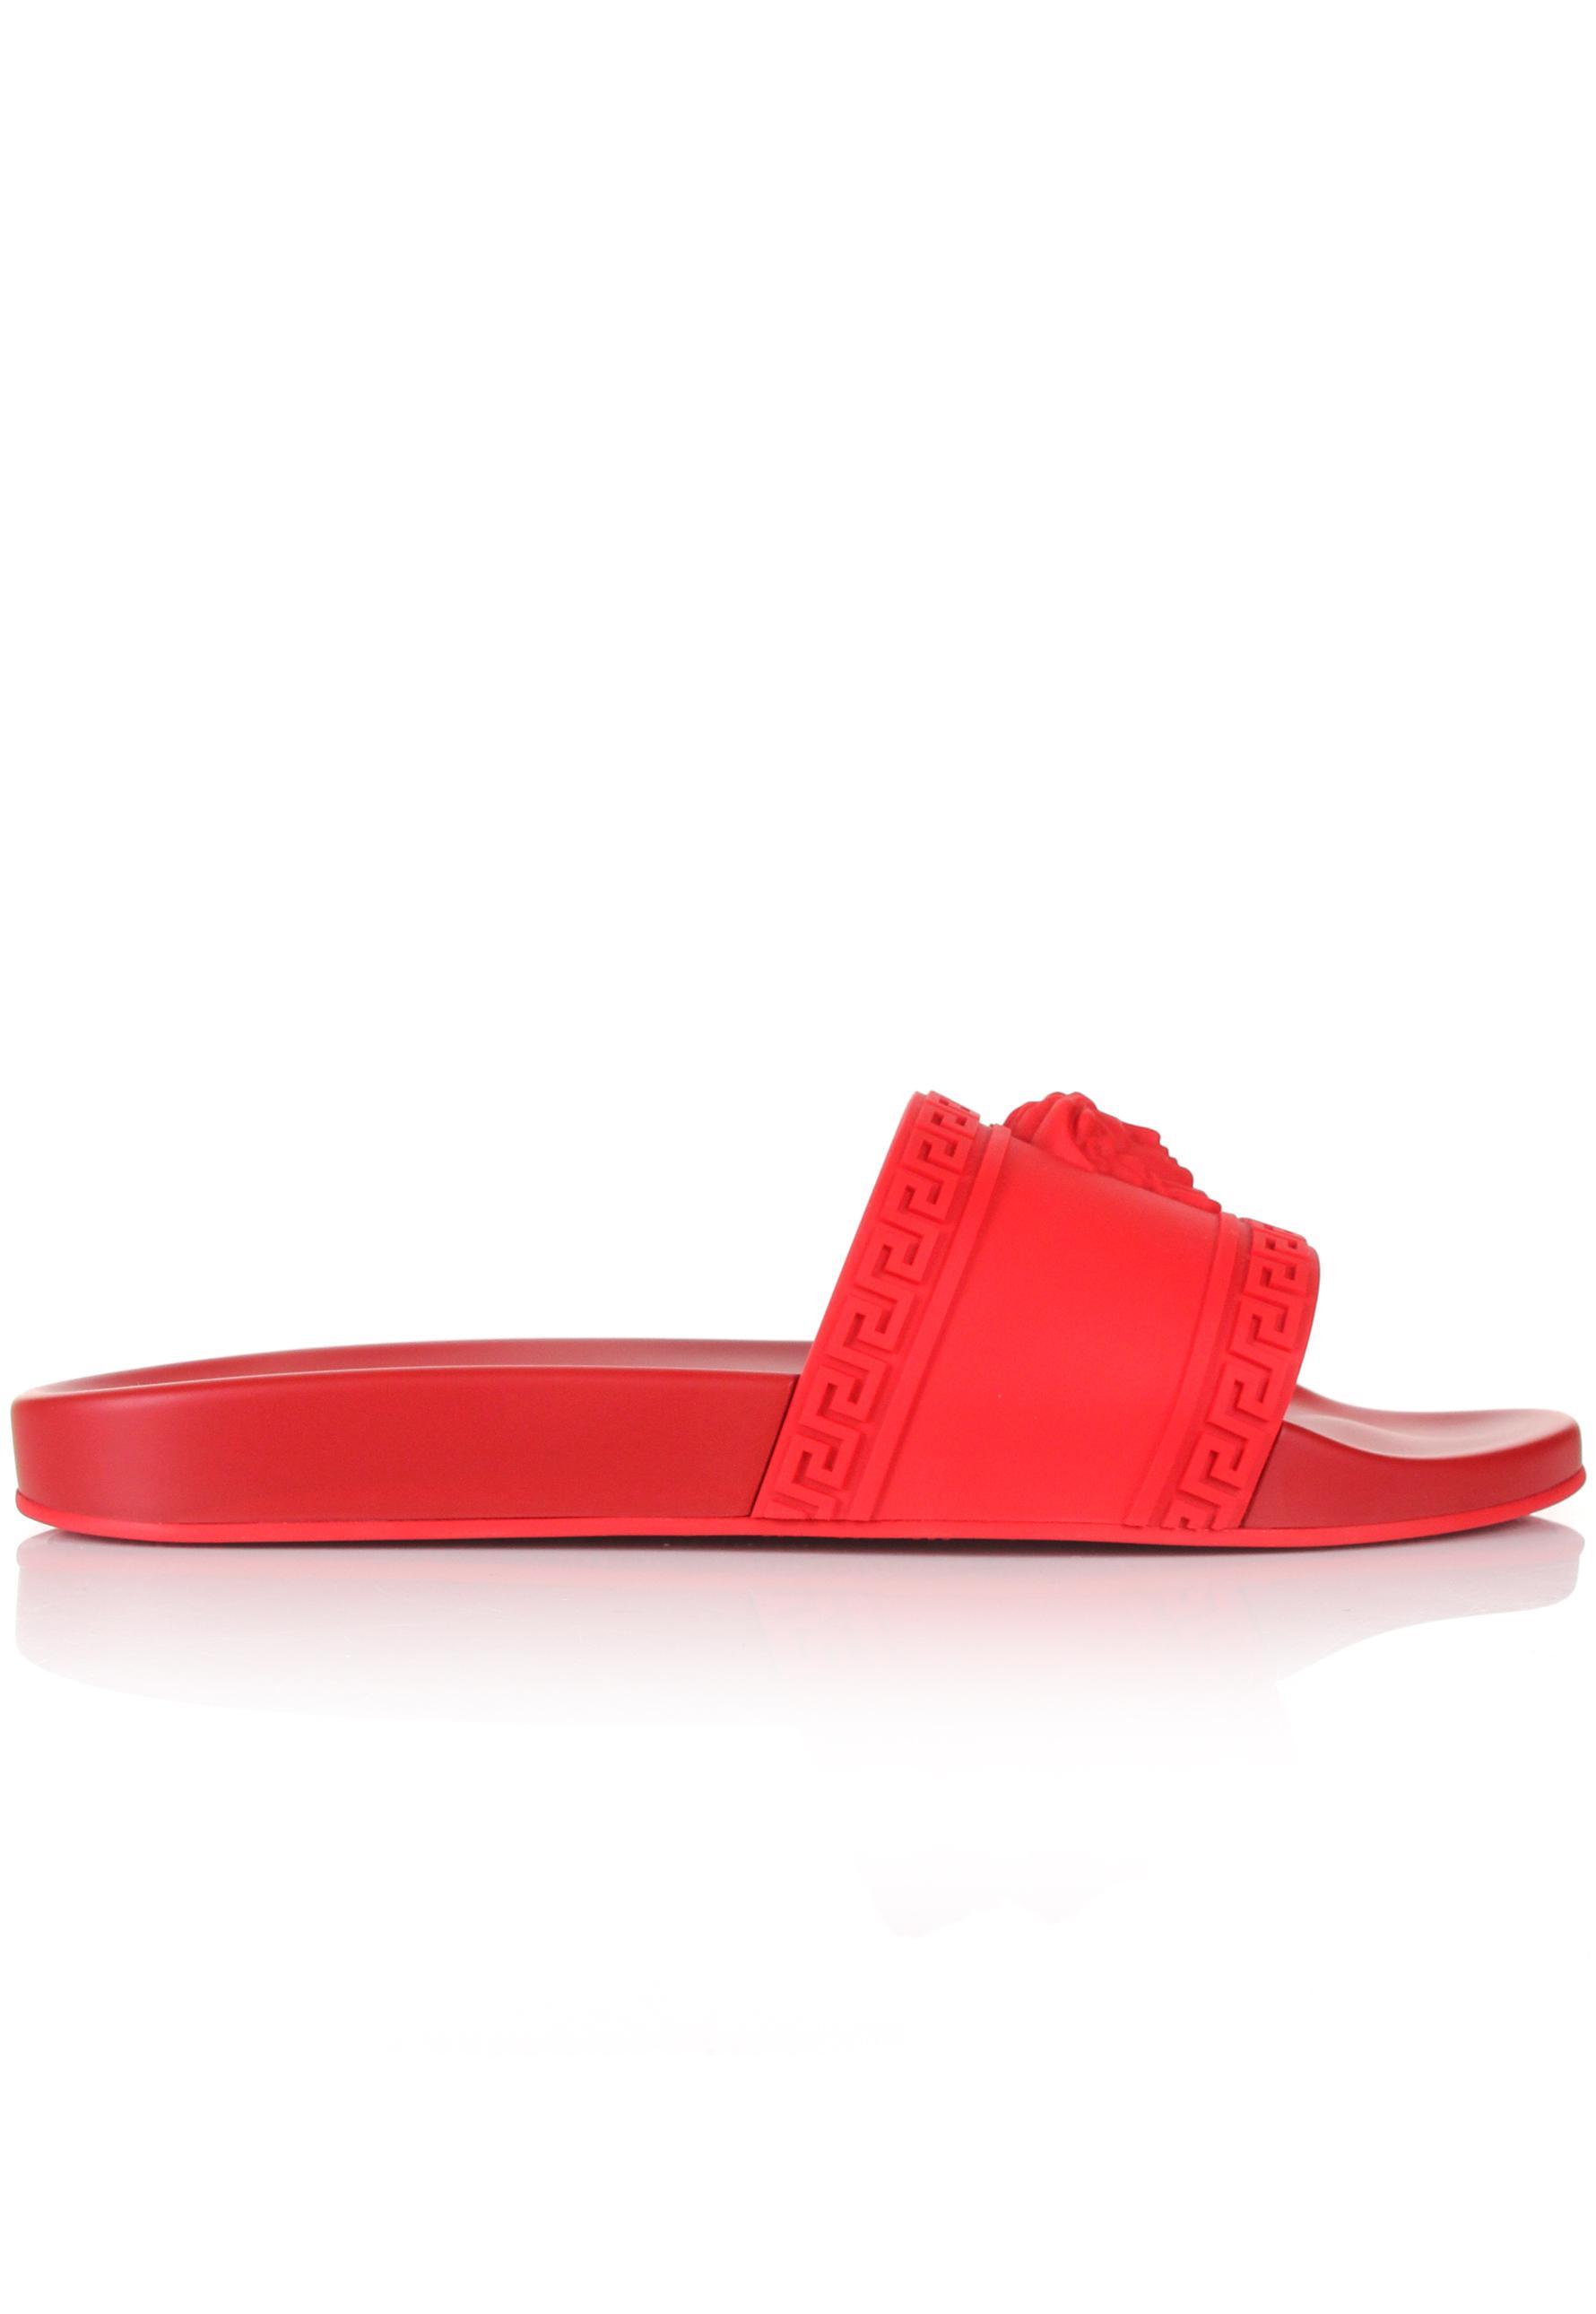 af9c42dc8b37c Versace Medusa-Head PVC Slides in Red for Men - Lyst